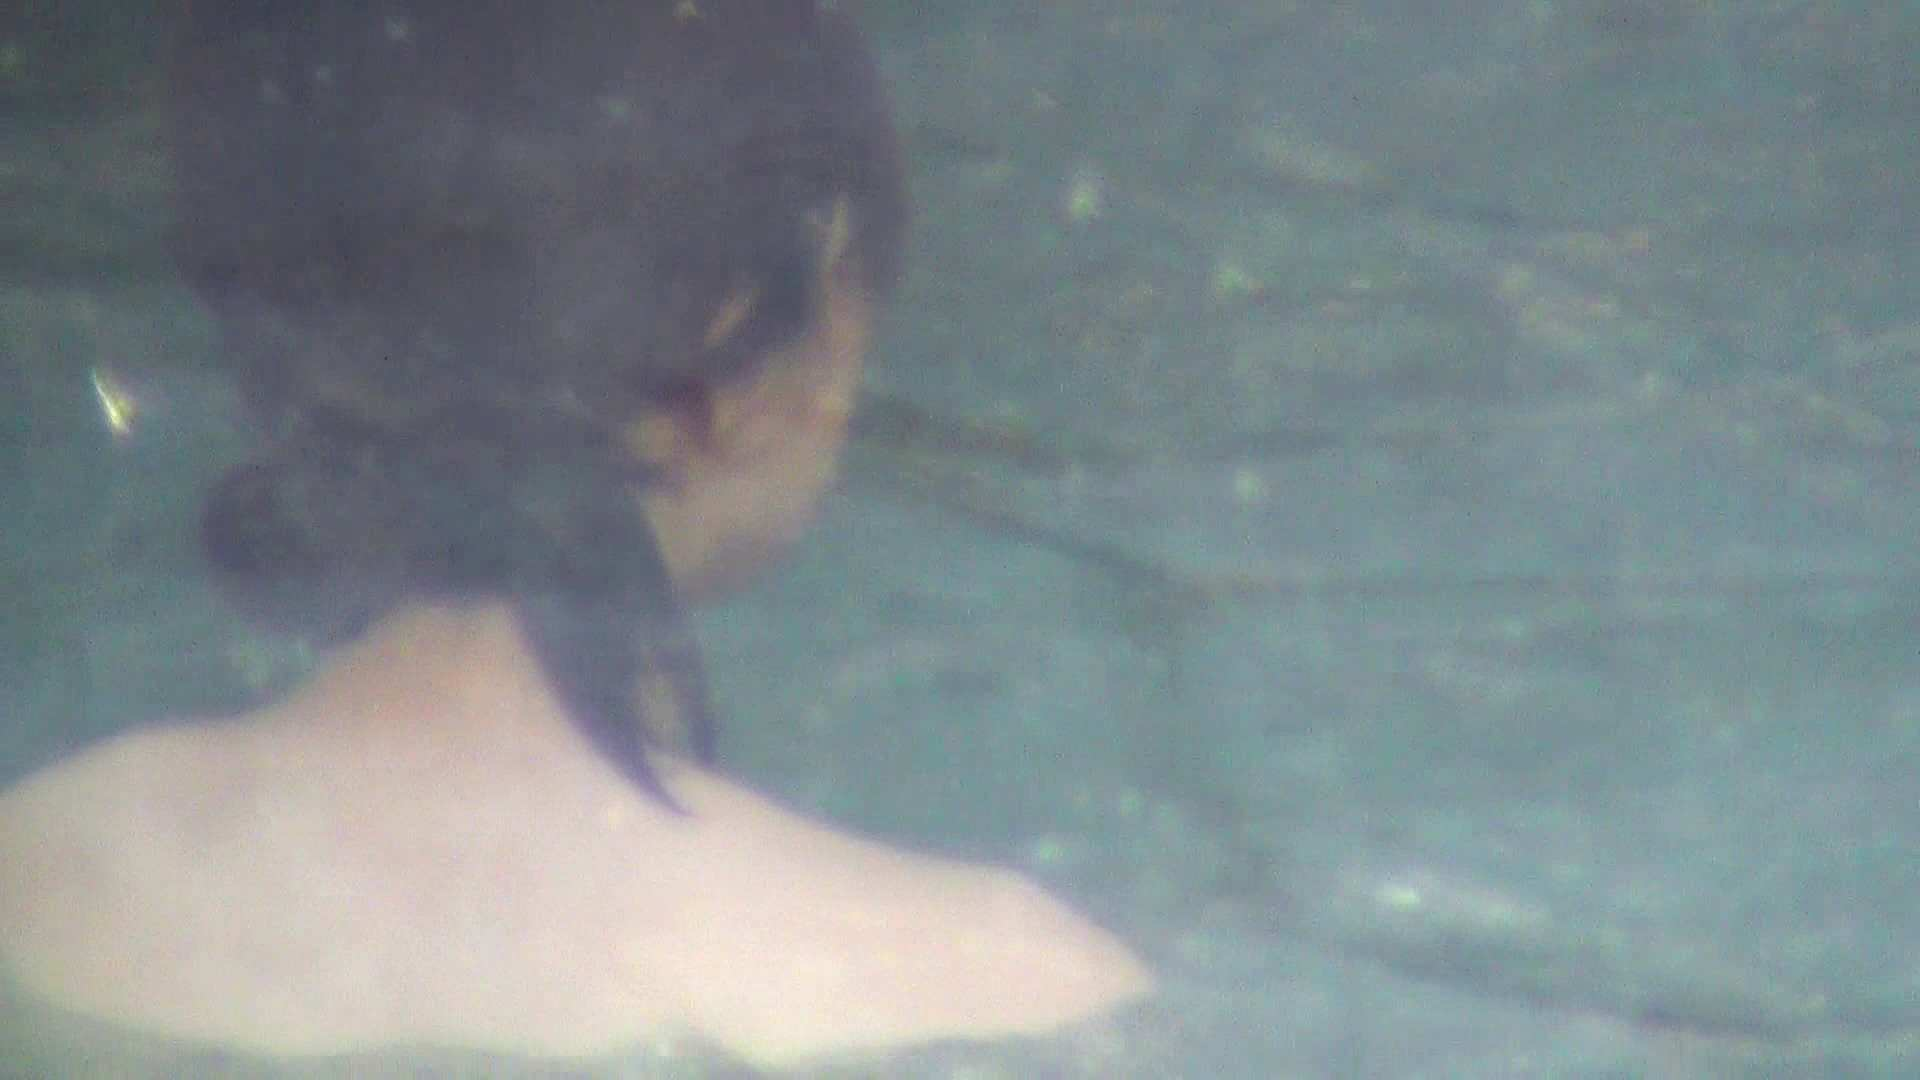 Aquaな露天風呂Vol.271 OLのエロ生活   盗撮  92連発 10